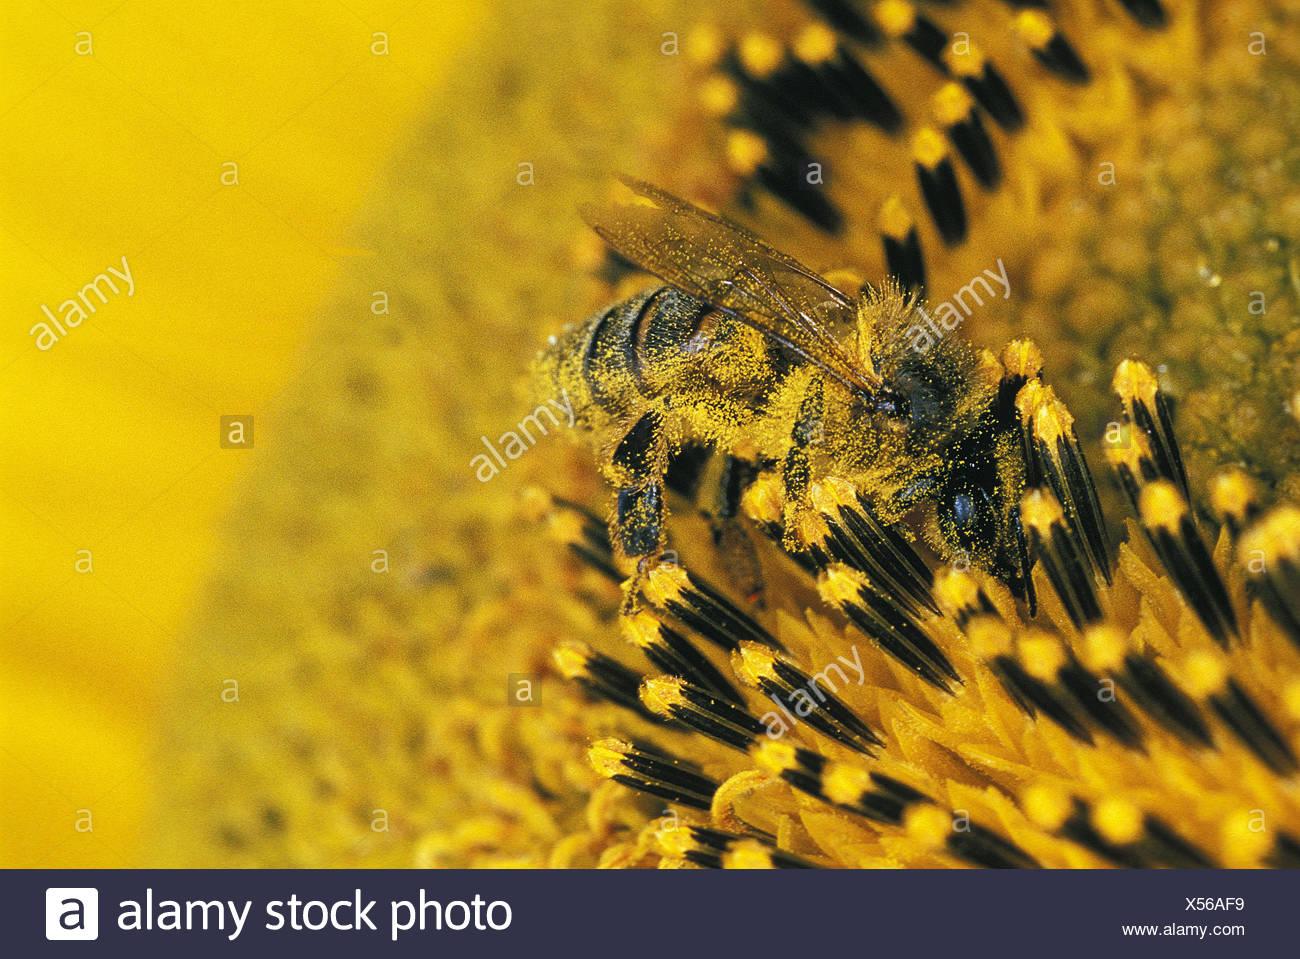 Honigbiene, Apis mellifera, Erwachsene auf die Sonnenblume, Pollen auf seinen Körper, close-up Stockbild